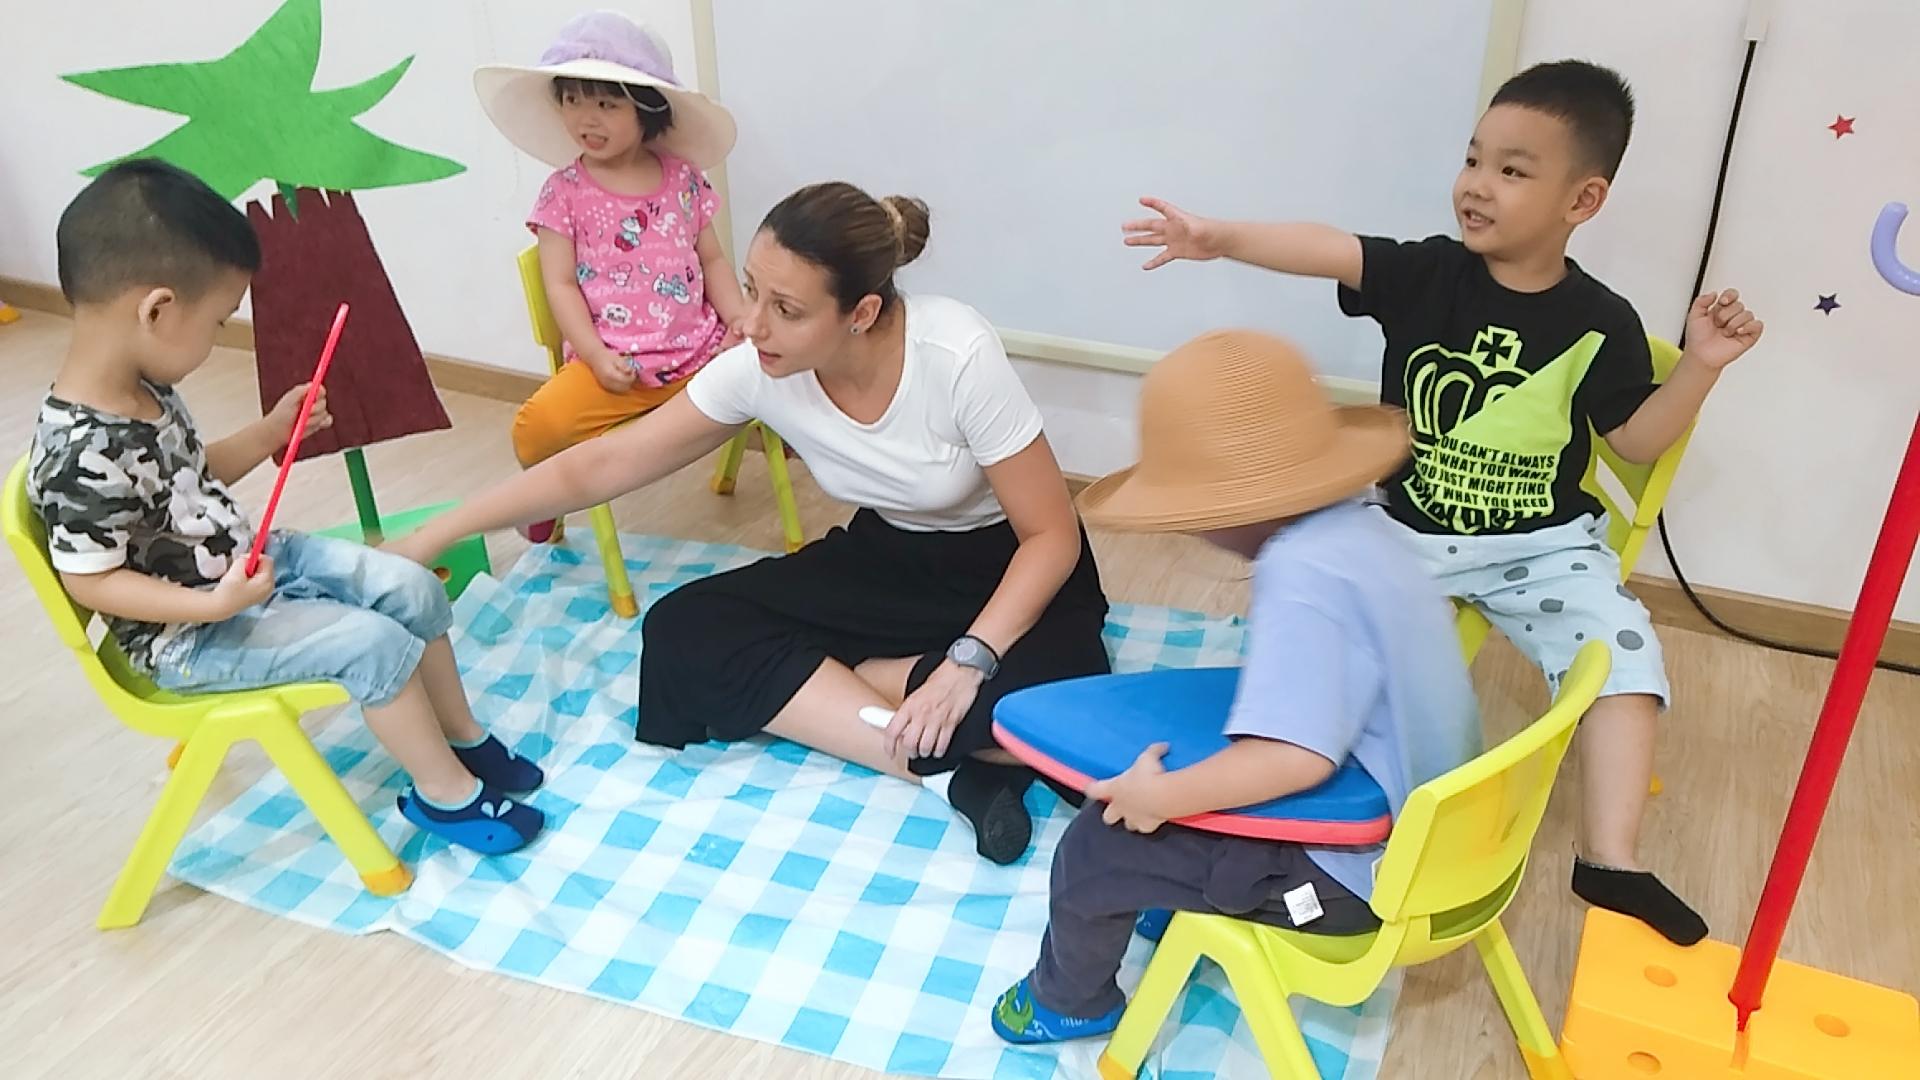 戏剧英文国际幼儿园【宝安分园】